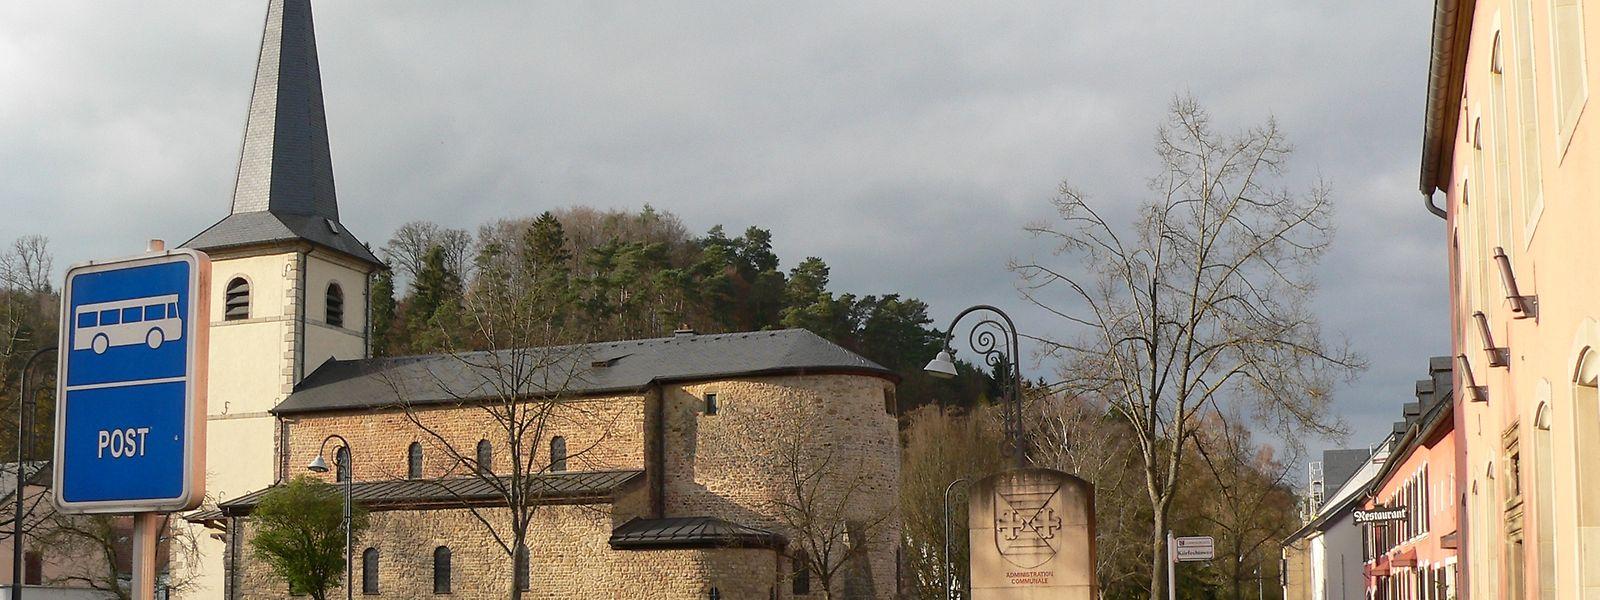 Die Gemeinde Saeul zählt rund 750 Einwohner in den Ortschaften Saeul, Calmus, Schwebach, Kapweiler und Ehner.